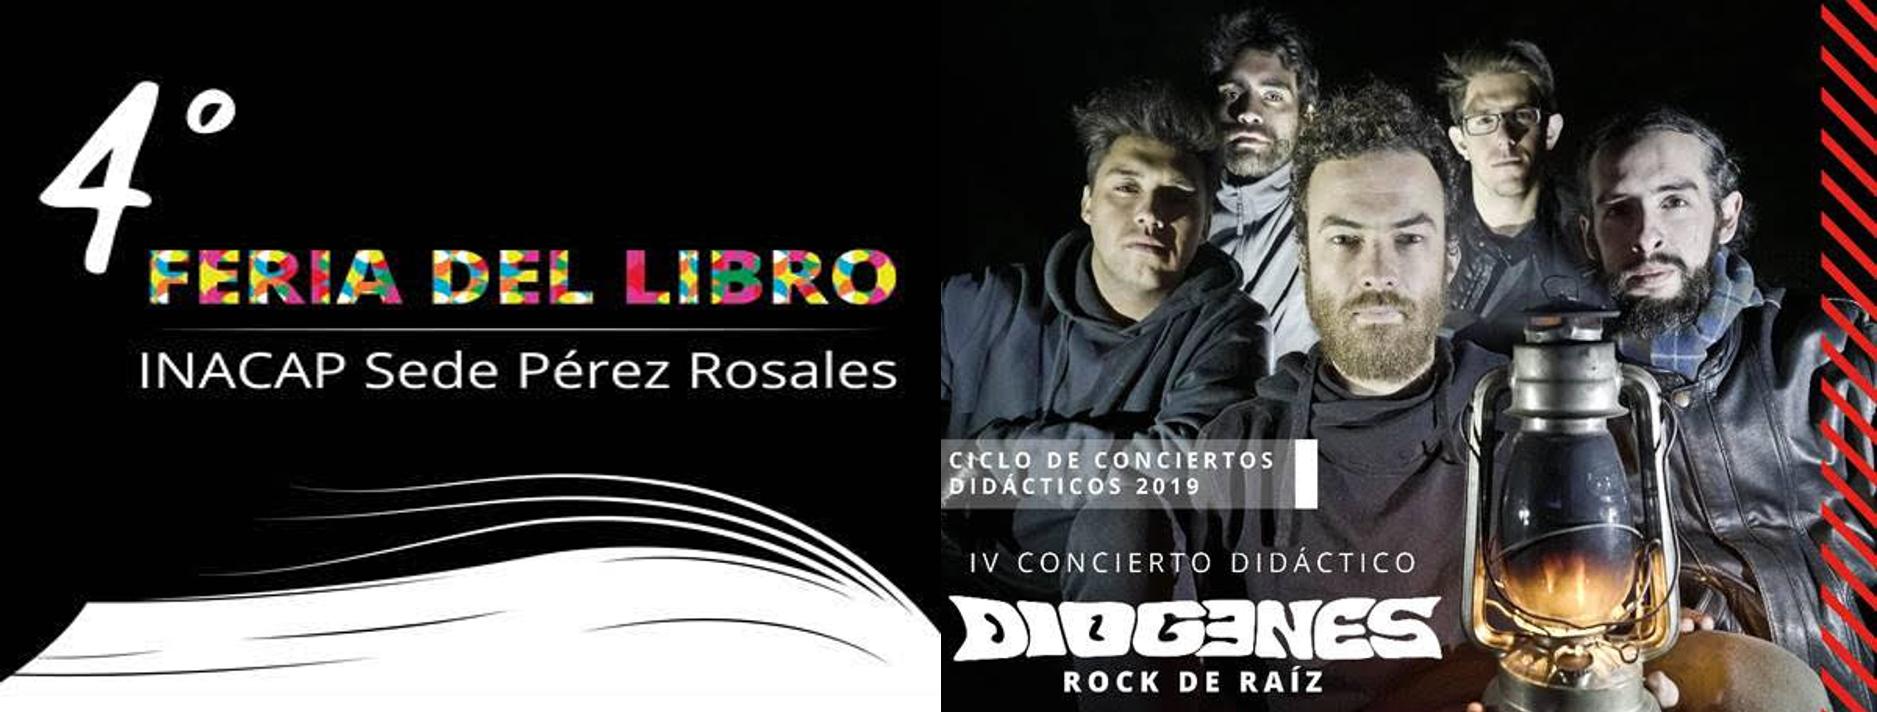 Cuarta Feria del Libro INACAP Sede Pérez Rosales y Ciclo de Conciertos Didácticos